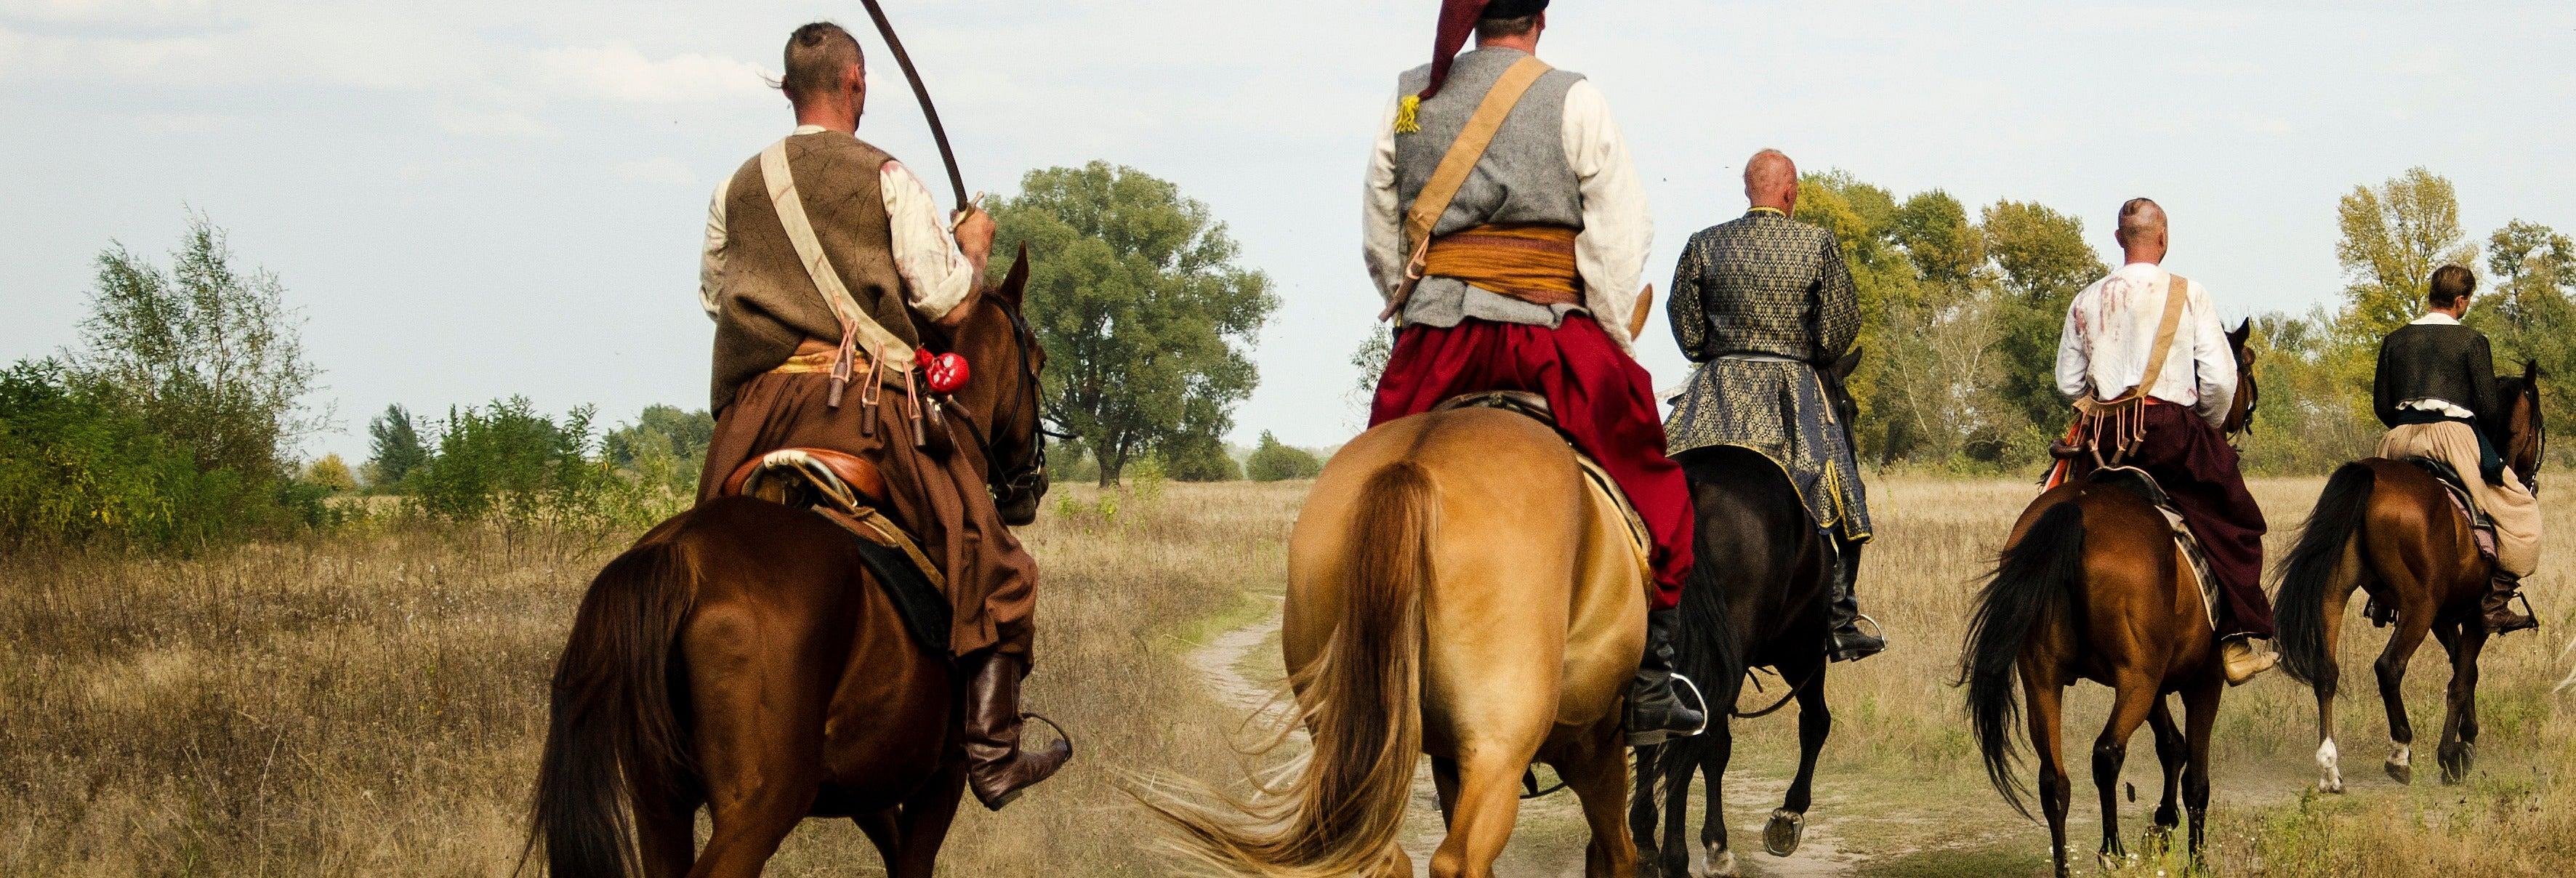 Fête traditionnelle gaucho dans le ranch de Santa Susana